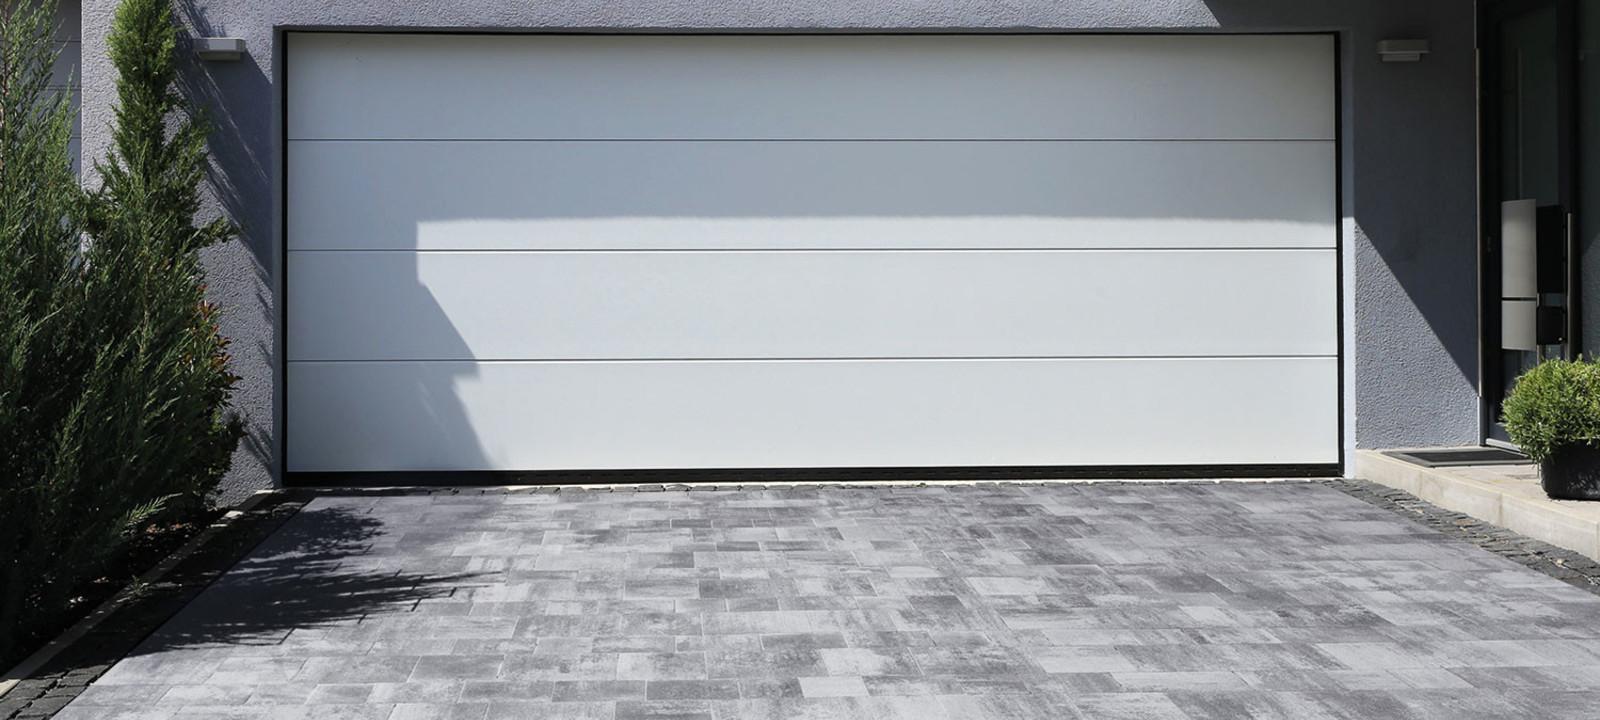 EHL Citypflaster Kombi-Mehrformat neue Farbe weiß-anthrazit